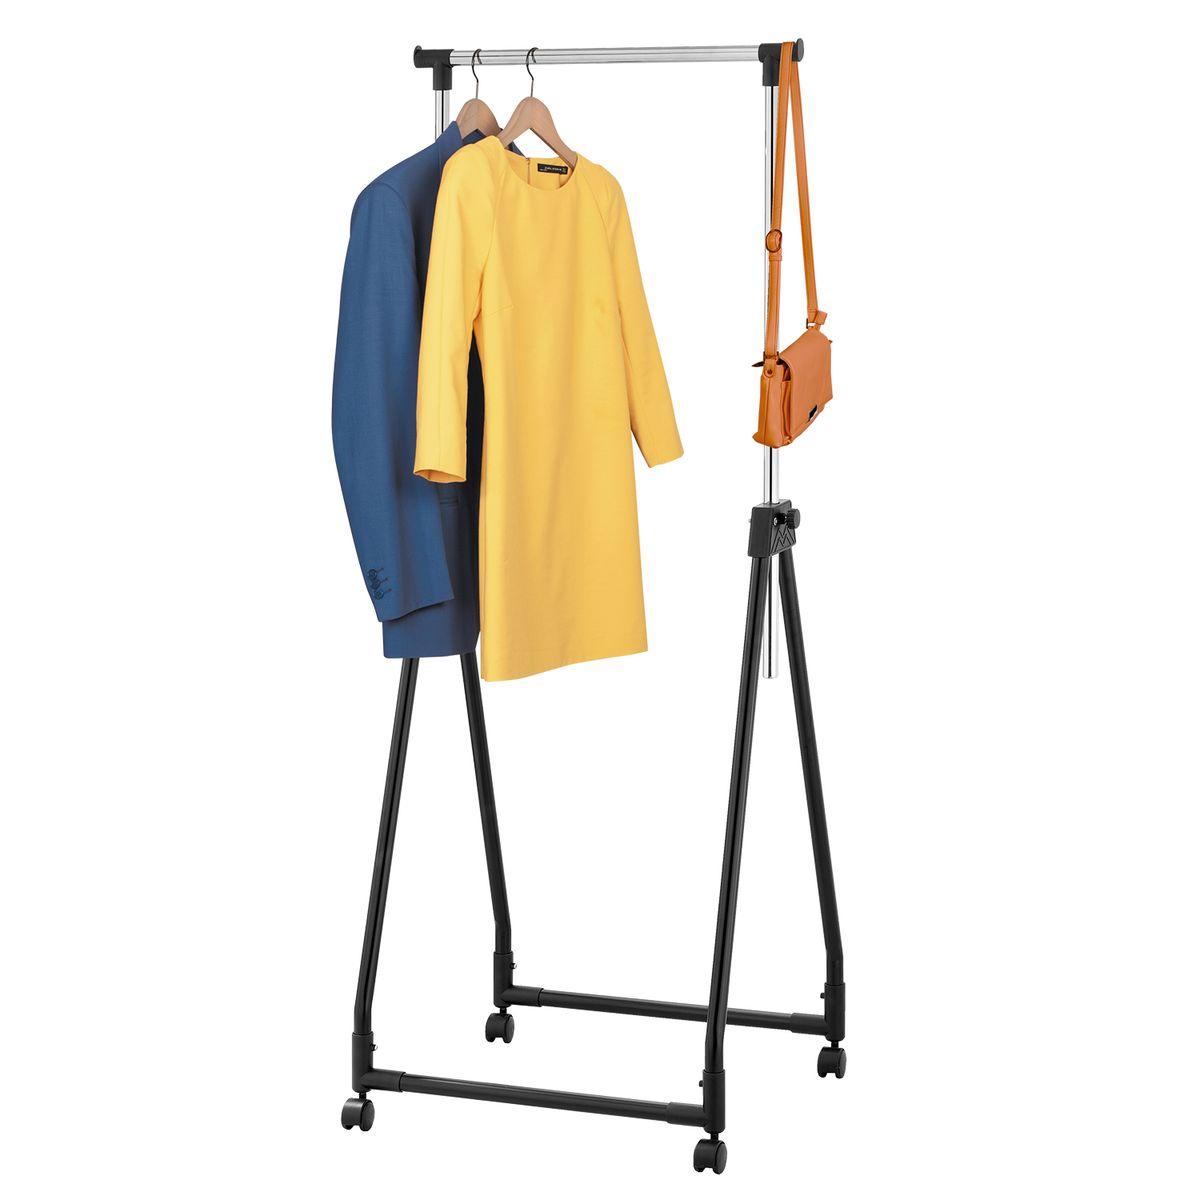 Стойка для одежды Tatkraft Swift, складная , цвет: черный13360СКЛАДНАЯ ВЕШАЛКА ДЛЯ ОДЕЖДЫ SWIFT Хромированная и окрашенная сталь Надежные зажимы Боковые крючки Вмещает до 15вешалок, распределенный вес по длине штанги - 15 кг. Сложенная стойка легко размещается: В шкафу За дверью В багажнике Размеры : 60(Ш)?48(Г)?94–170(В) см, 60?11?94 см в сложенном виде